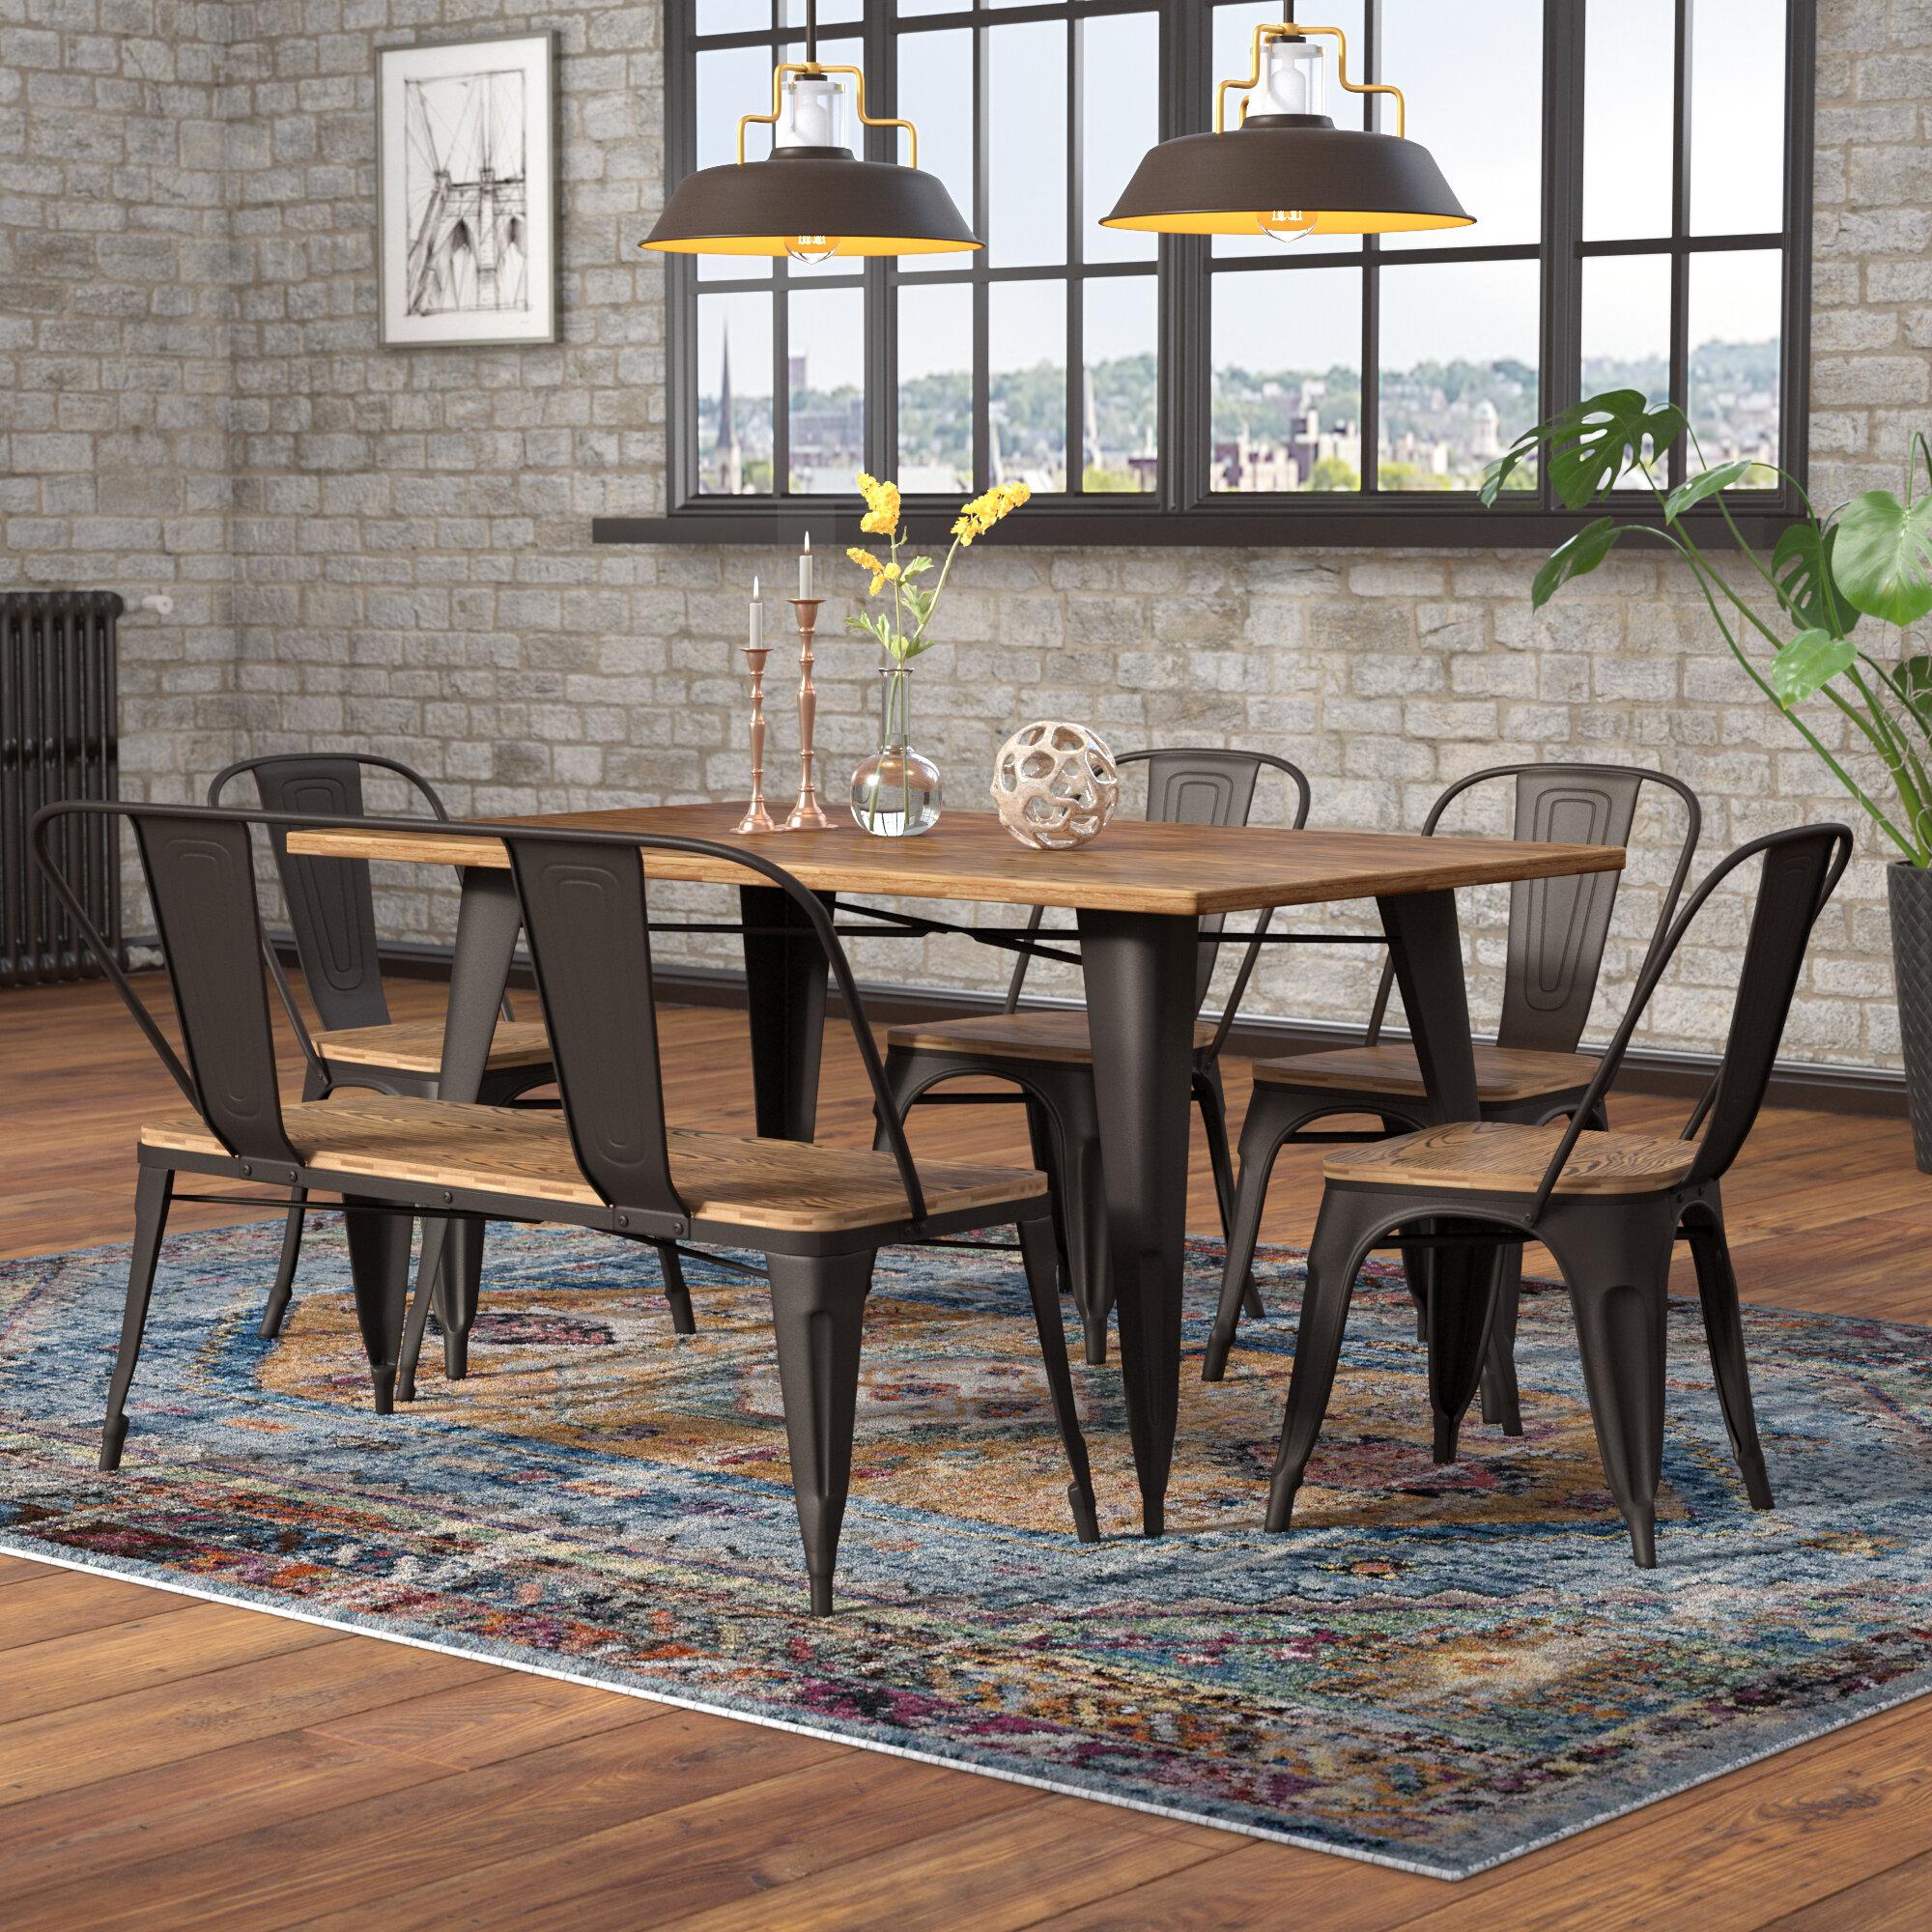 0e14b33c94 Union Rustic Claremont 6 Piece Dining Set   Reviews